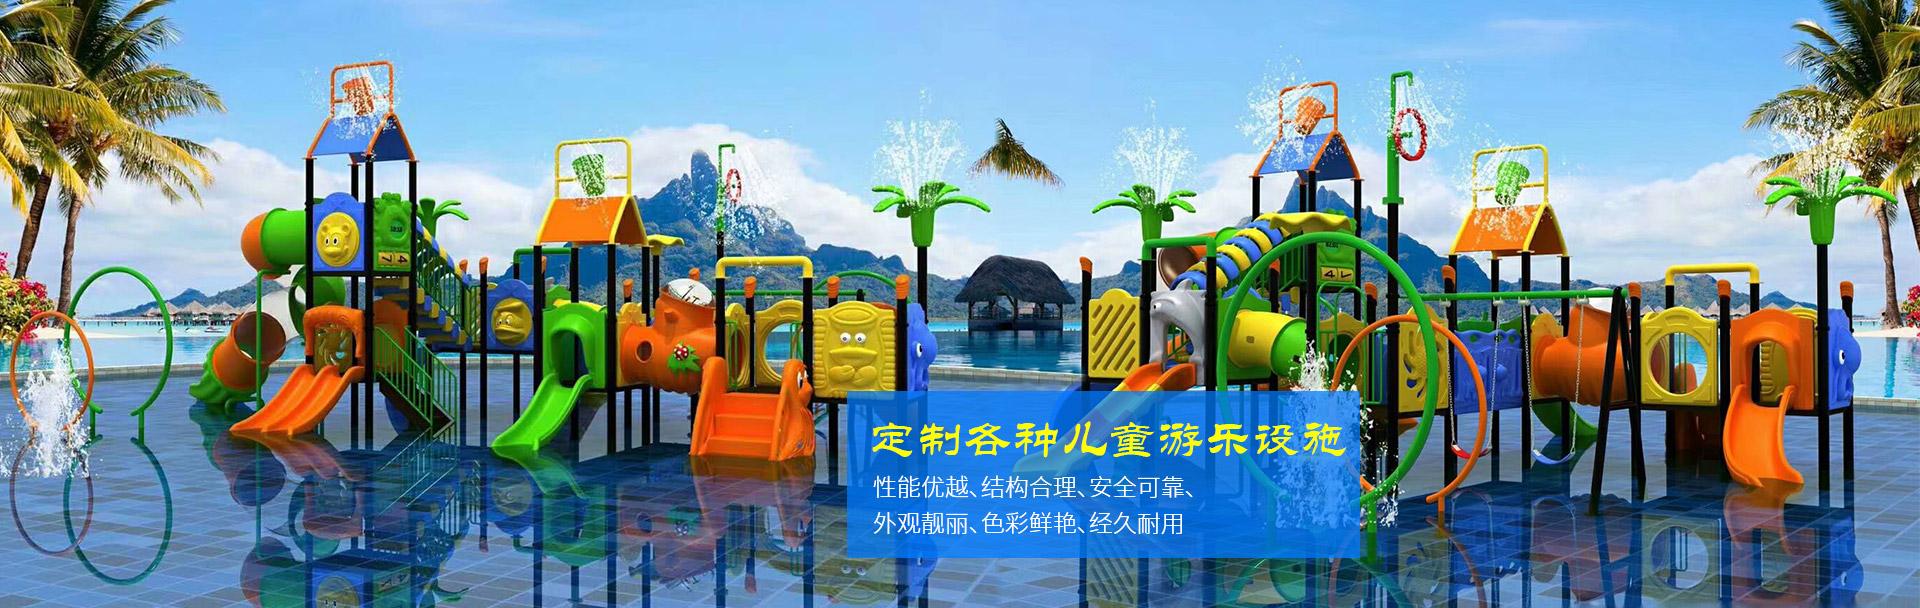 重庆儿童游乐设备